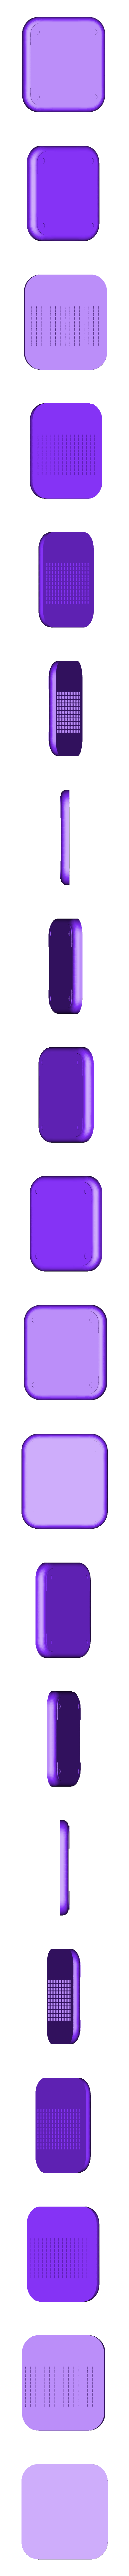 Trasparent_BackLightVer2.stl Descargar archivo STL CHEVY VAN G20 RC BODY SCALER AXIAL MST TRX4 RC4WD • Modelo para imprimir en 3D, ilyakapitonov